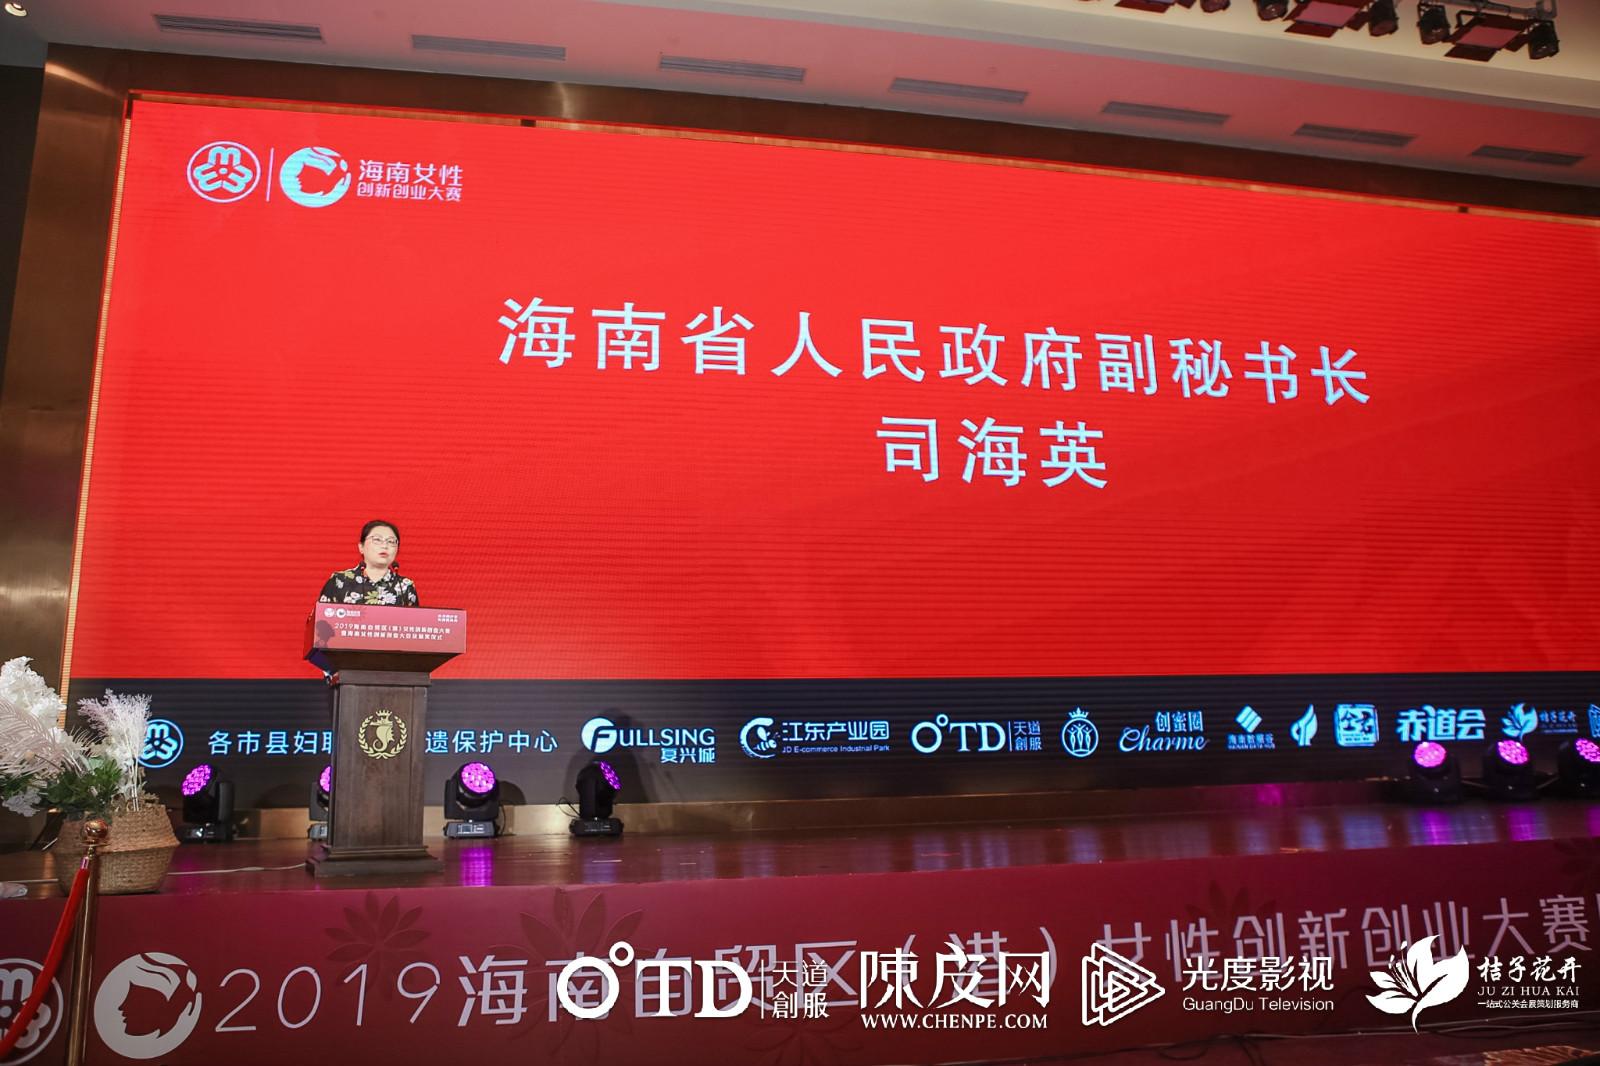 冠军诞生 2019首届海南自贸区(港)女性创新创业大赛颁奖仪式顺利完成